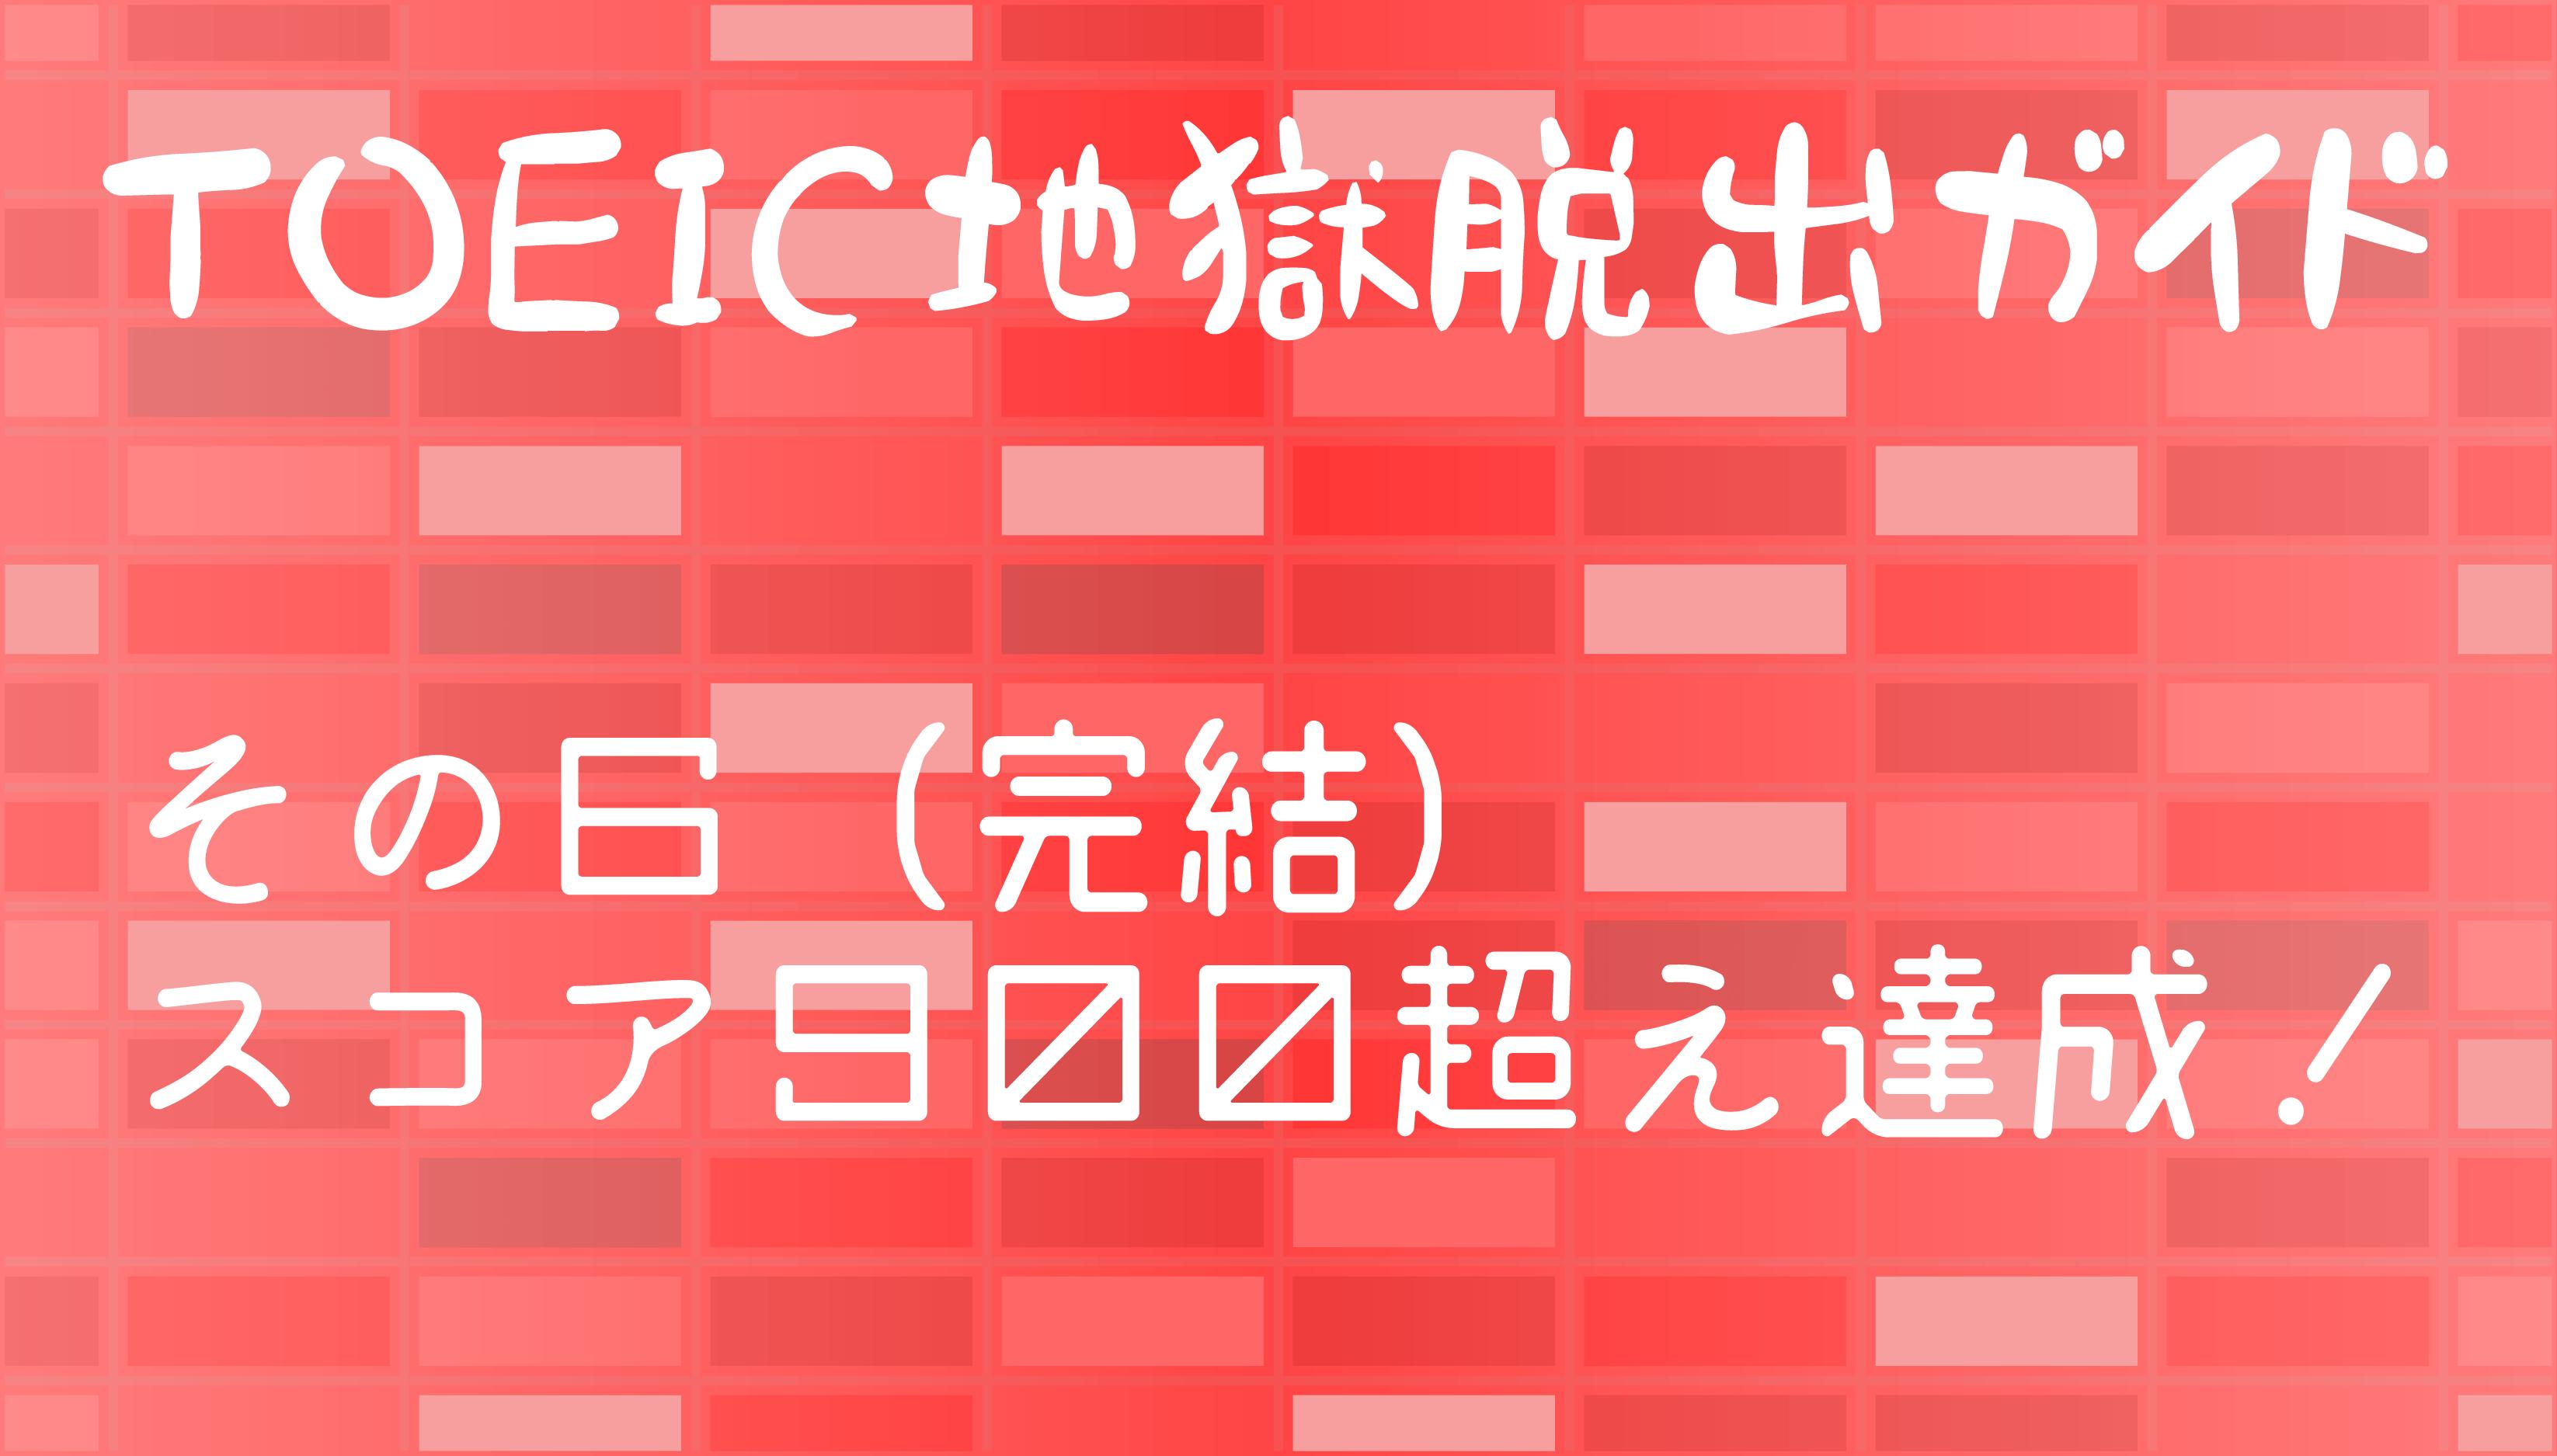 脱出成功!!Toeicスコア900超えを達成した1ヶ月間の勉強法